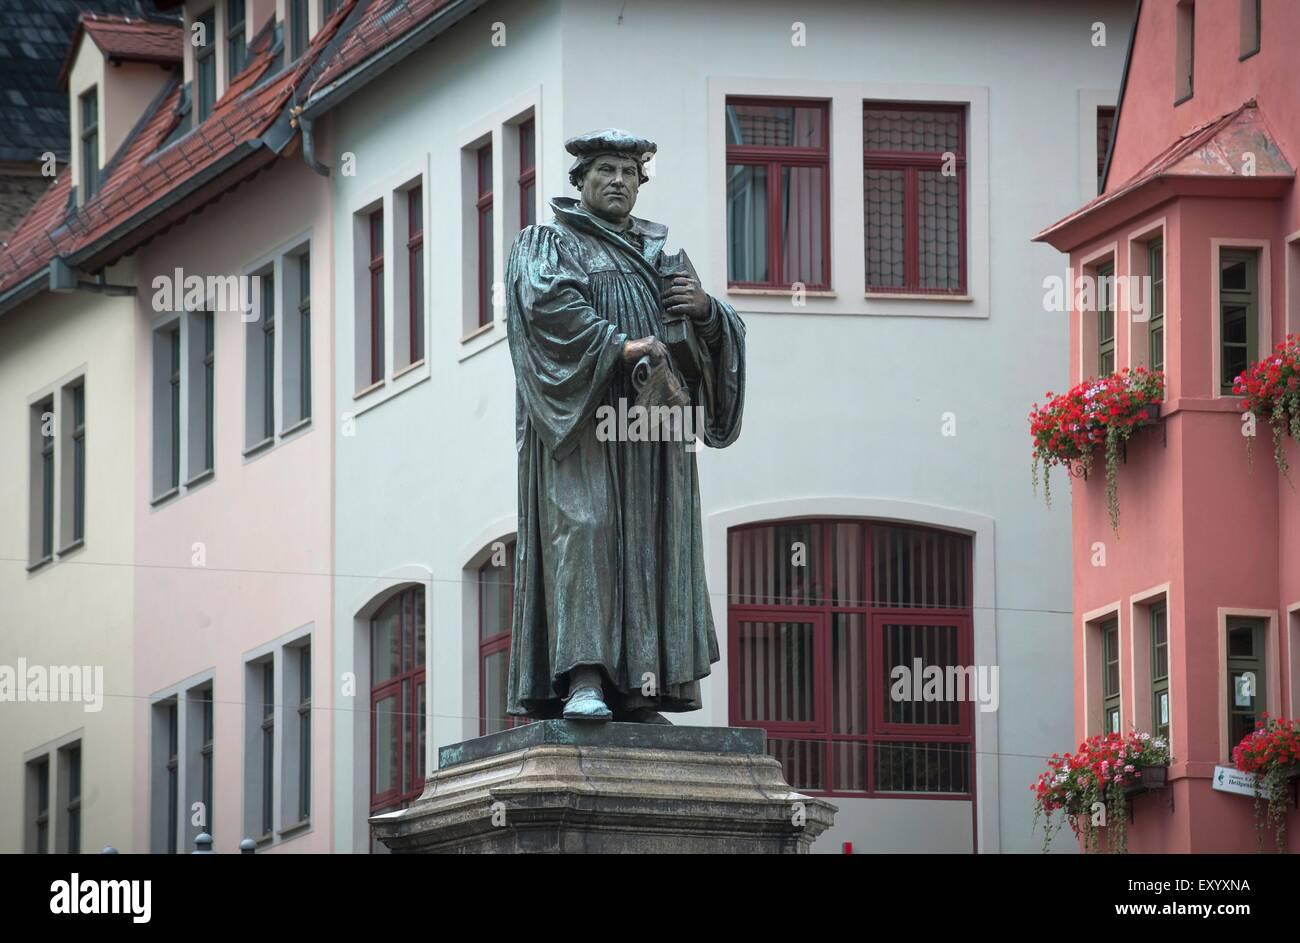 Der Marktplatz In Eisleben Wo Eine Statue Von Martin Luther